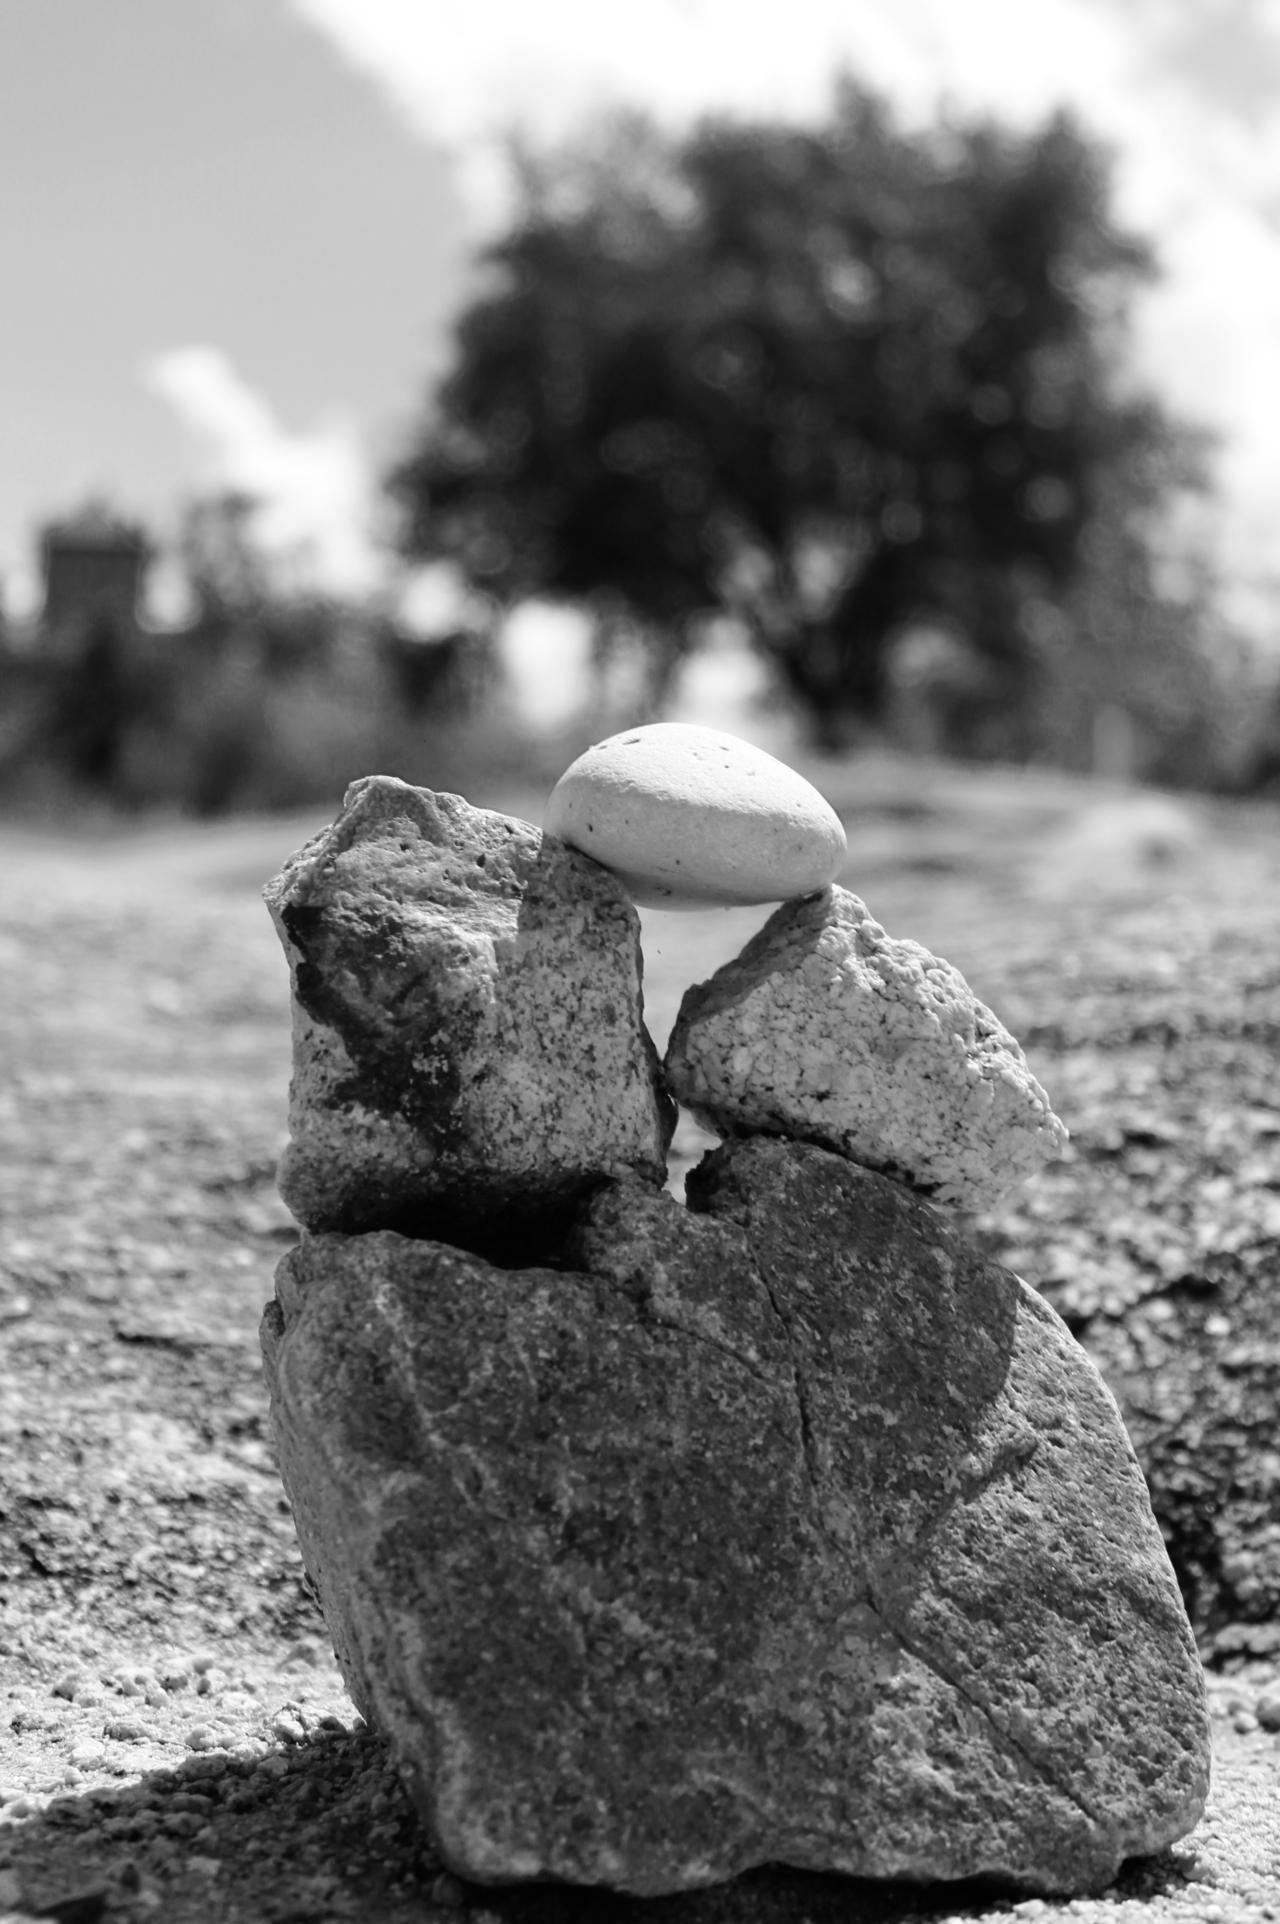 Rocky Rock Art — SummerRerun